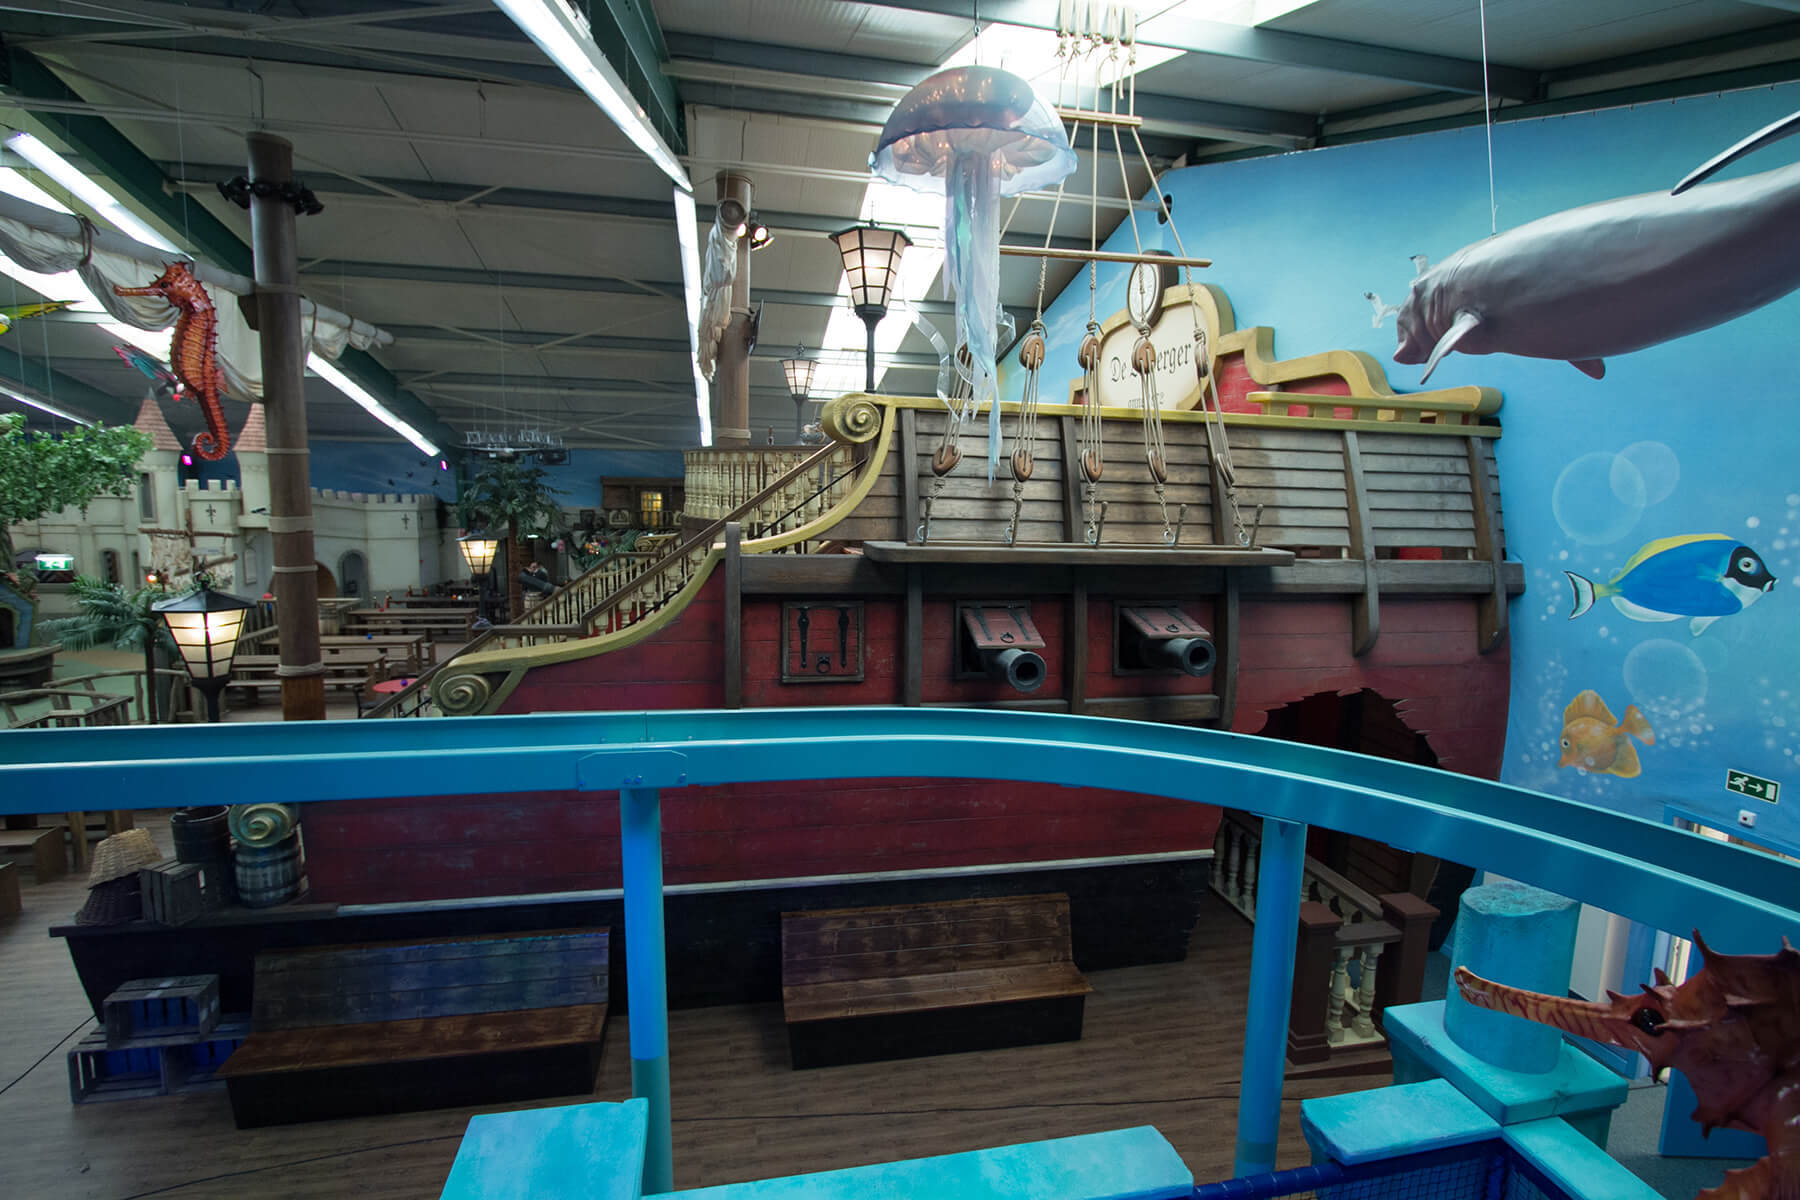 Indoor Speelstructuur Kids Wonderland Molenschot - ELI Play